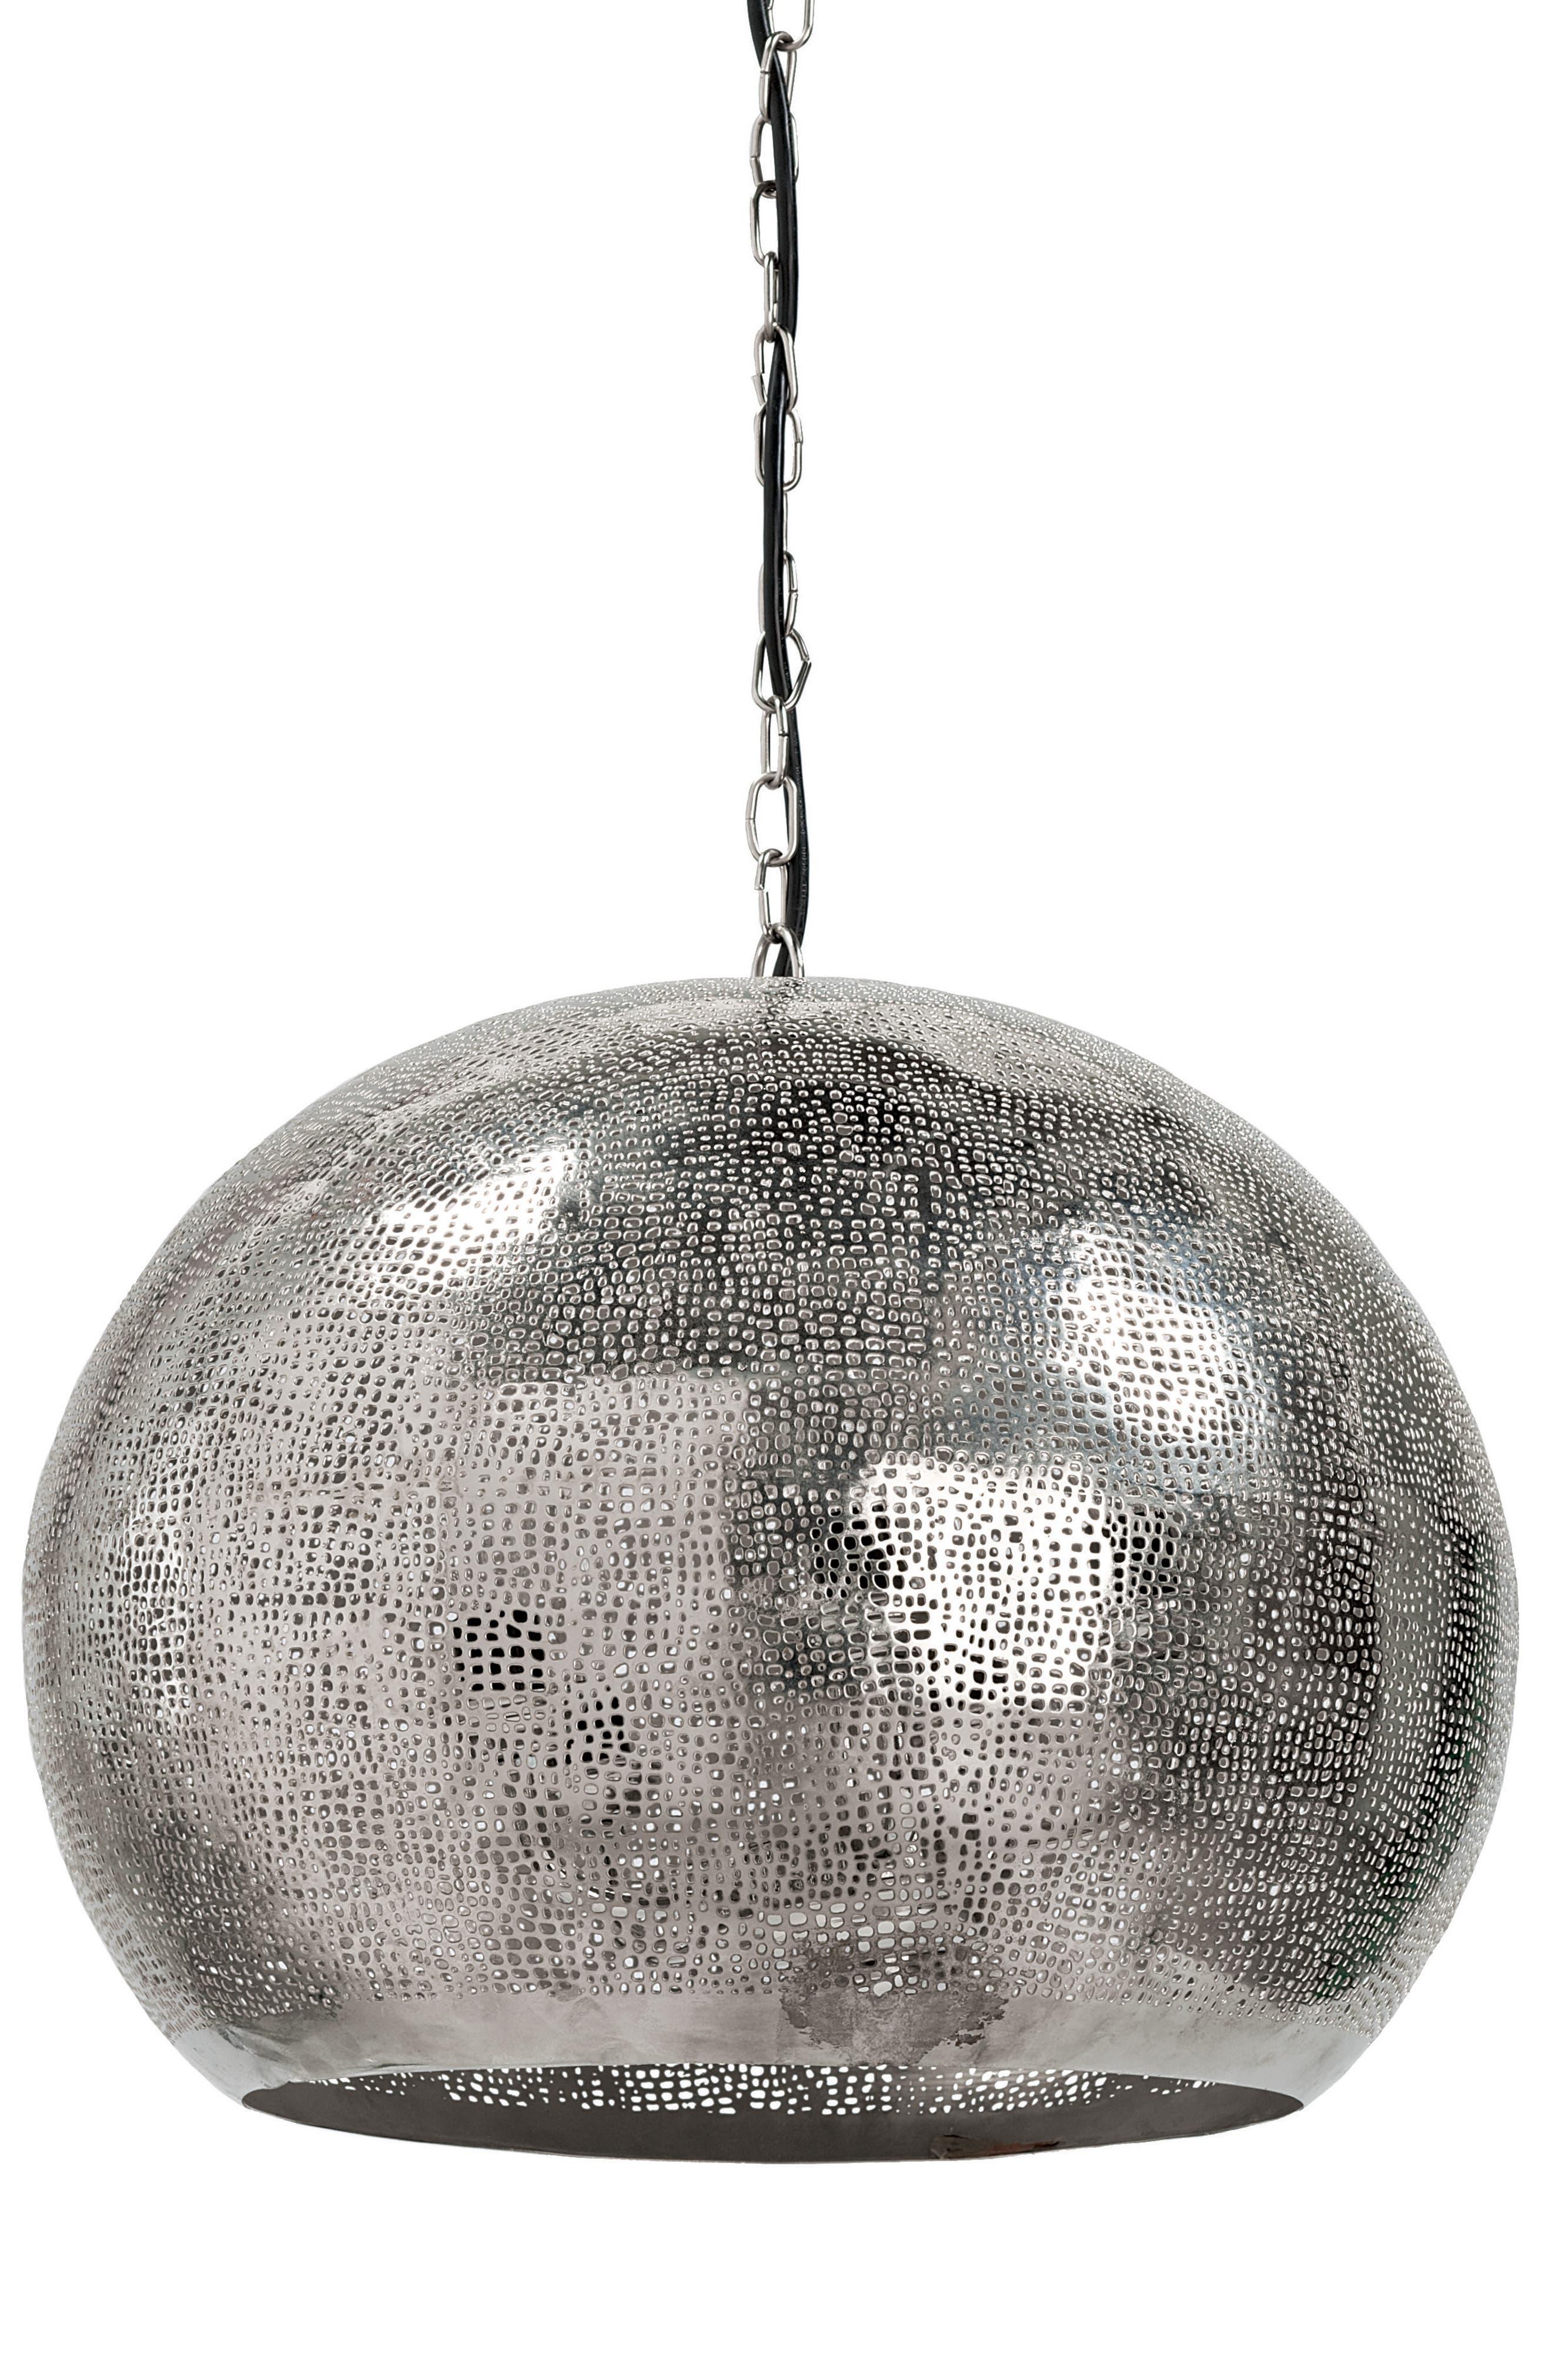 Metal Sphere Pendant Lamp,                             Main thumbnail 1, color,                             Silver